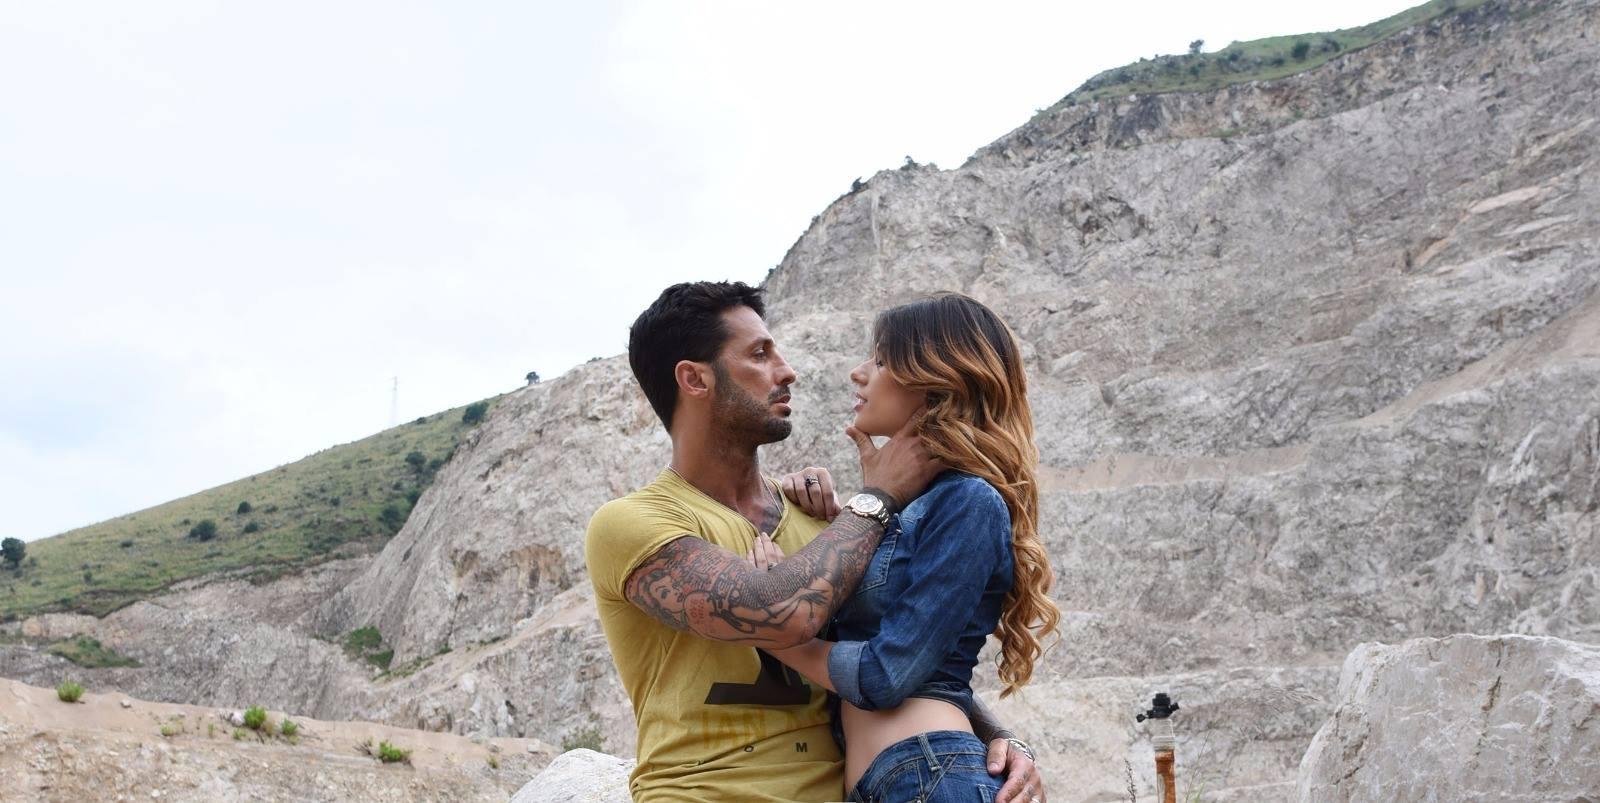 L'azienda napoletana Nsk Jeans, ha puntato su un'immagine forte e d'impatto, che rispecchia il carattere dei propri jeans. Corona rappresenta quasi una scelta obbligata, dato che l'ex paparazzo dopo le […]